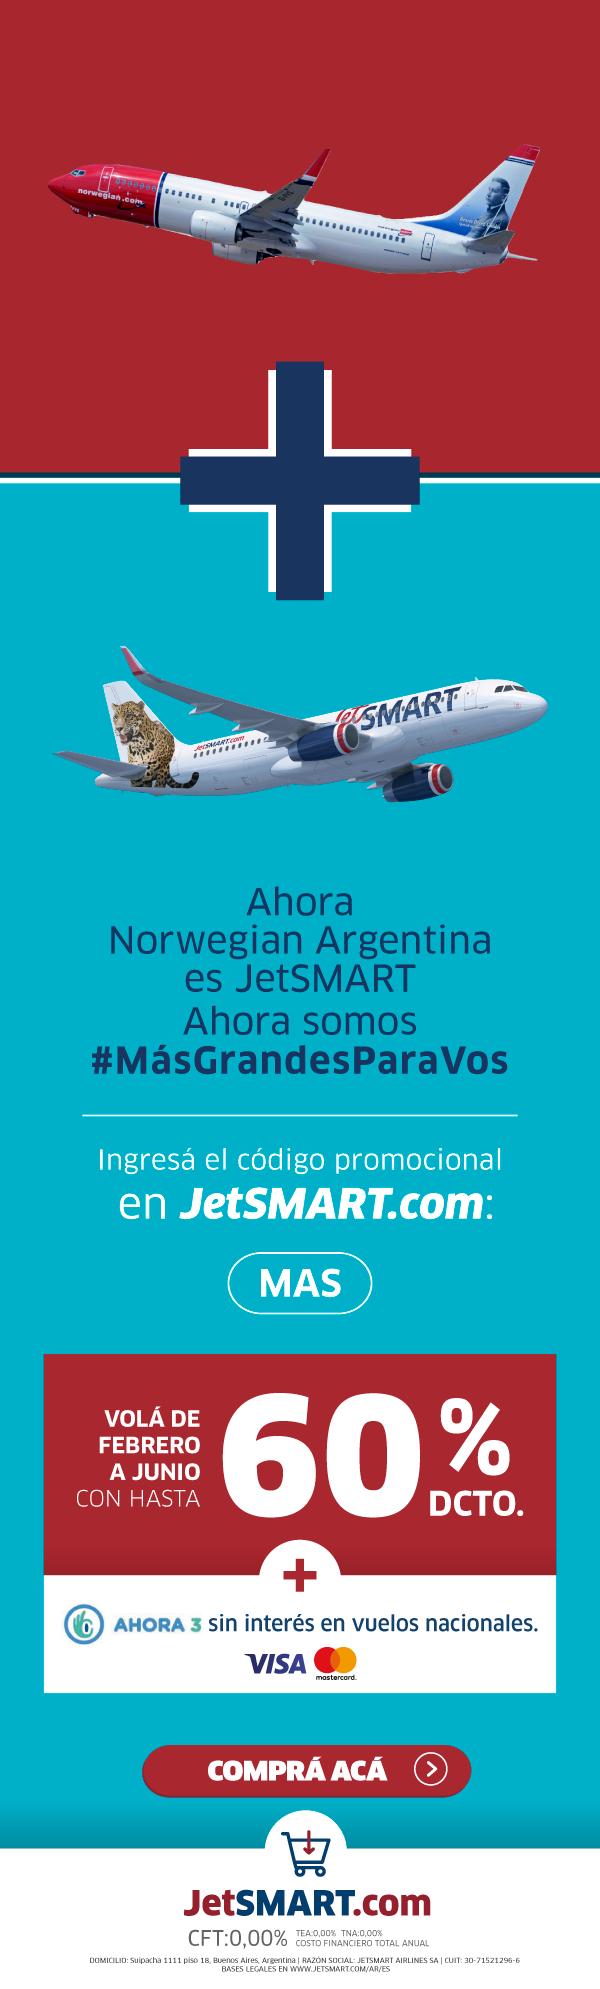 Newsletter de JetSmart